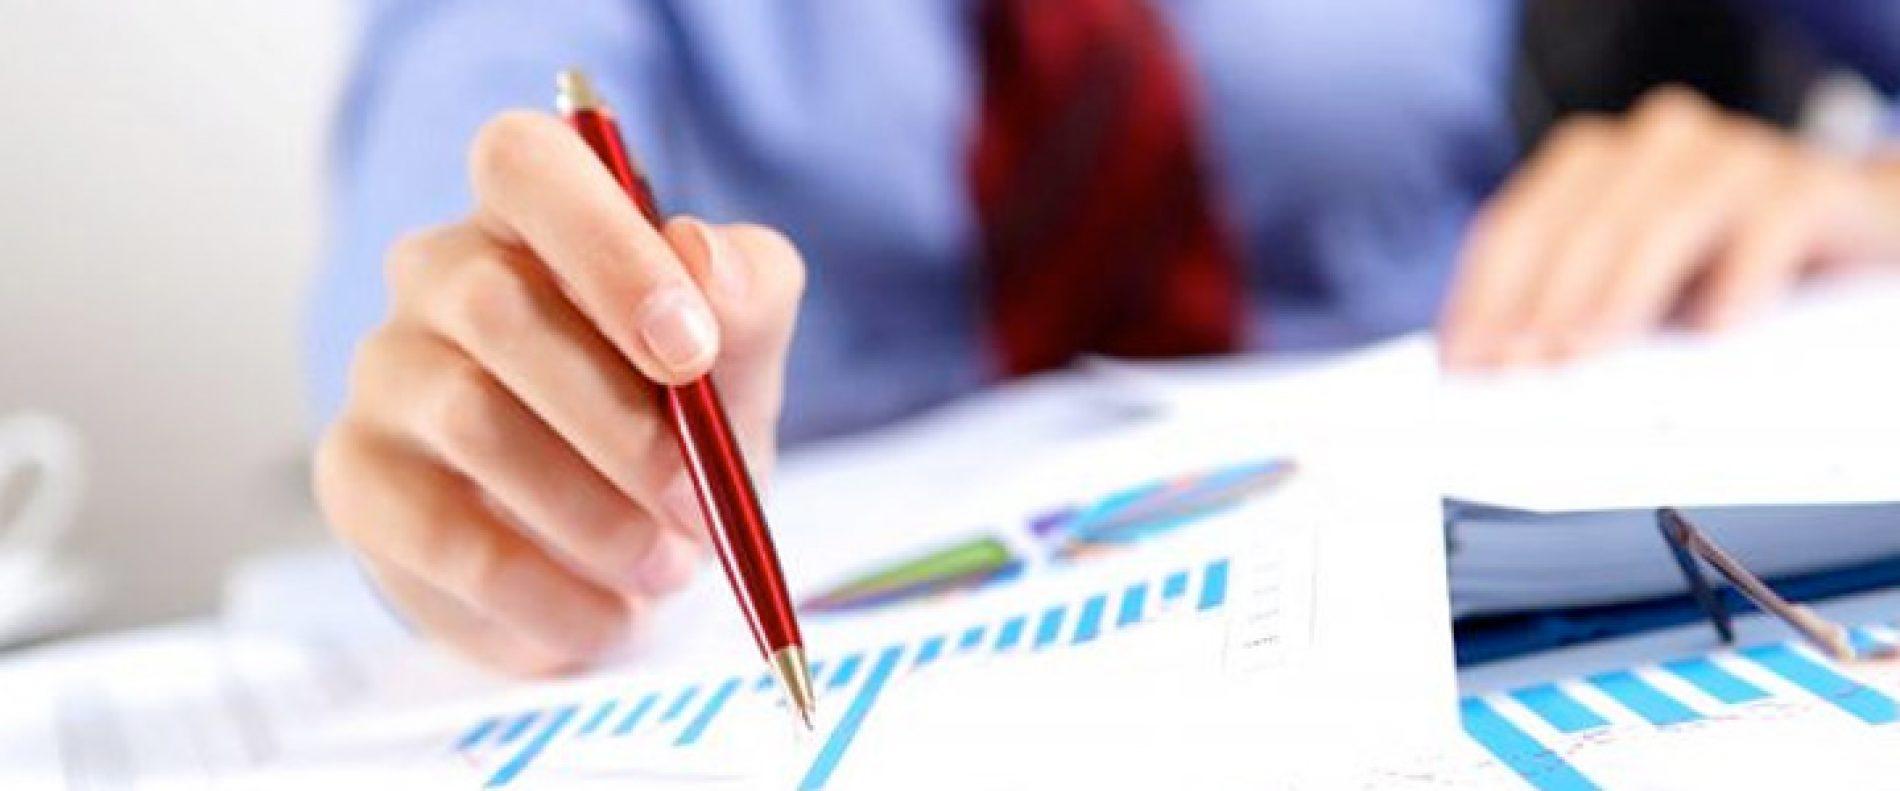 Pedidos de falência caem 17,1% no acumulado do ano